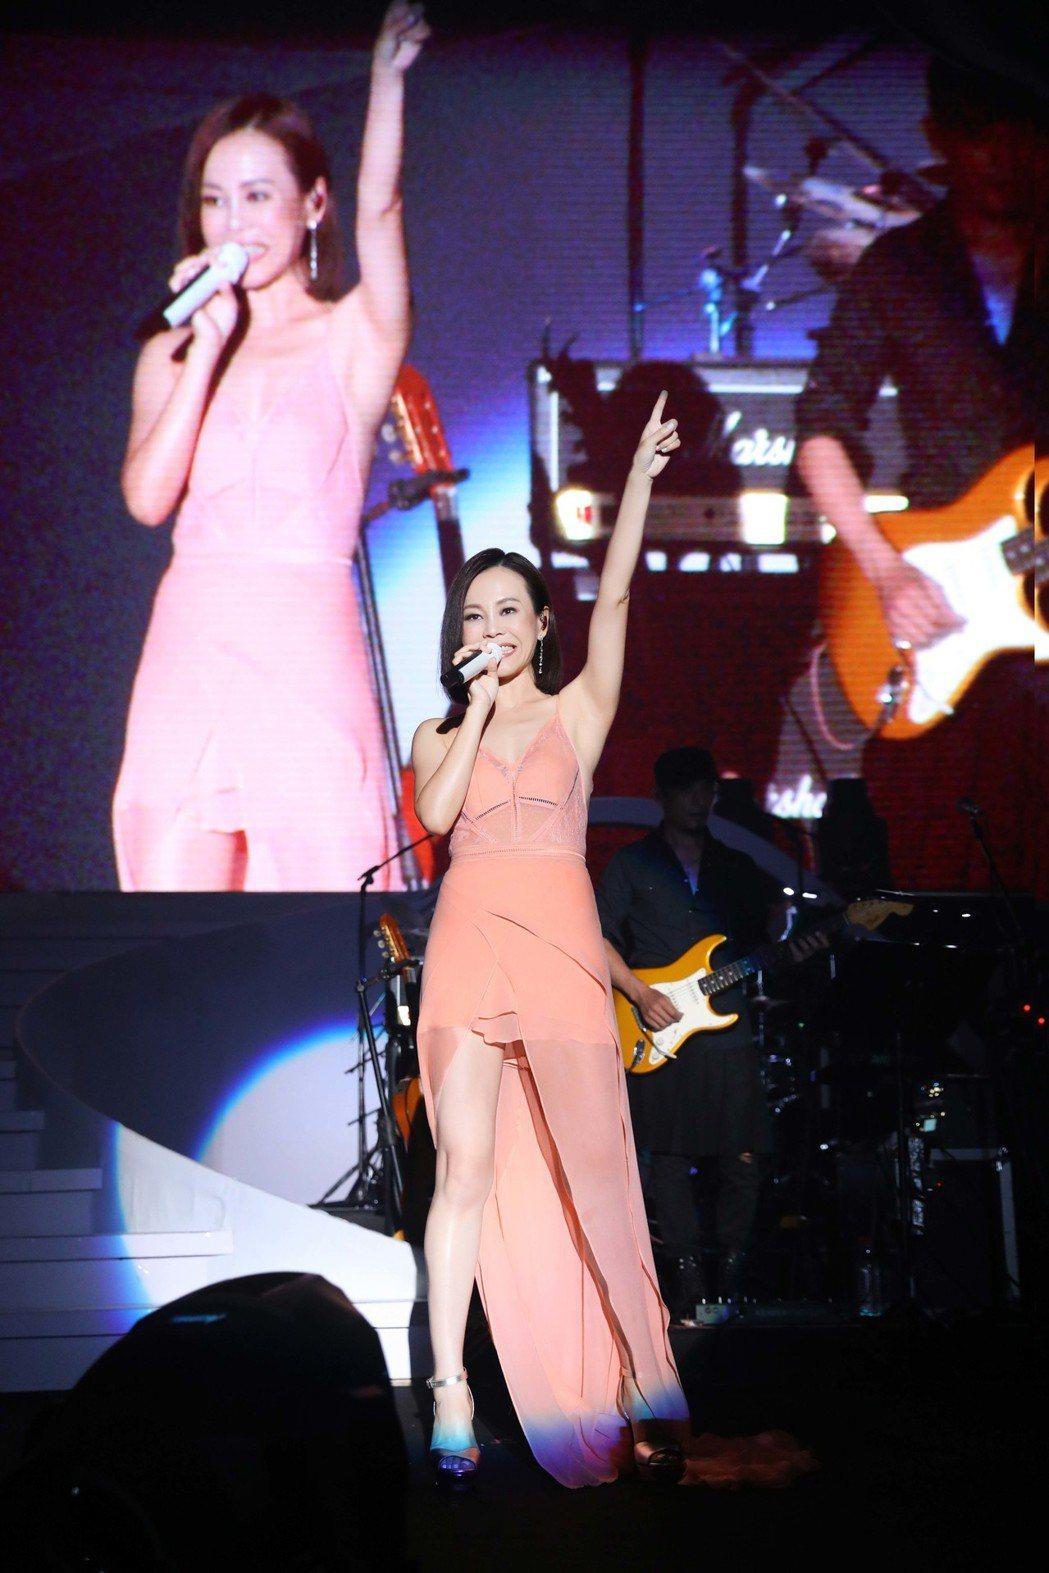 彭佳慧穿著粉色禮服,露出長腿。圖/索尼提供